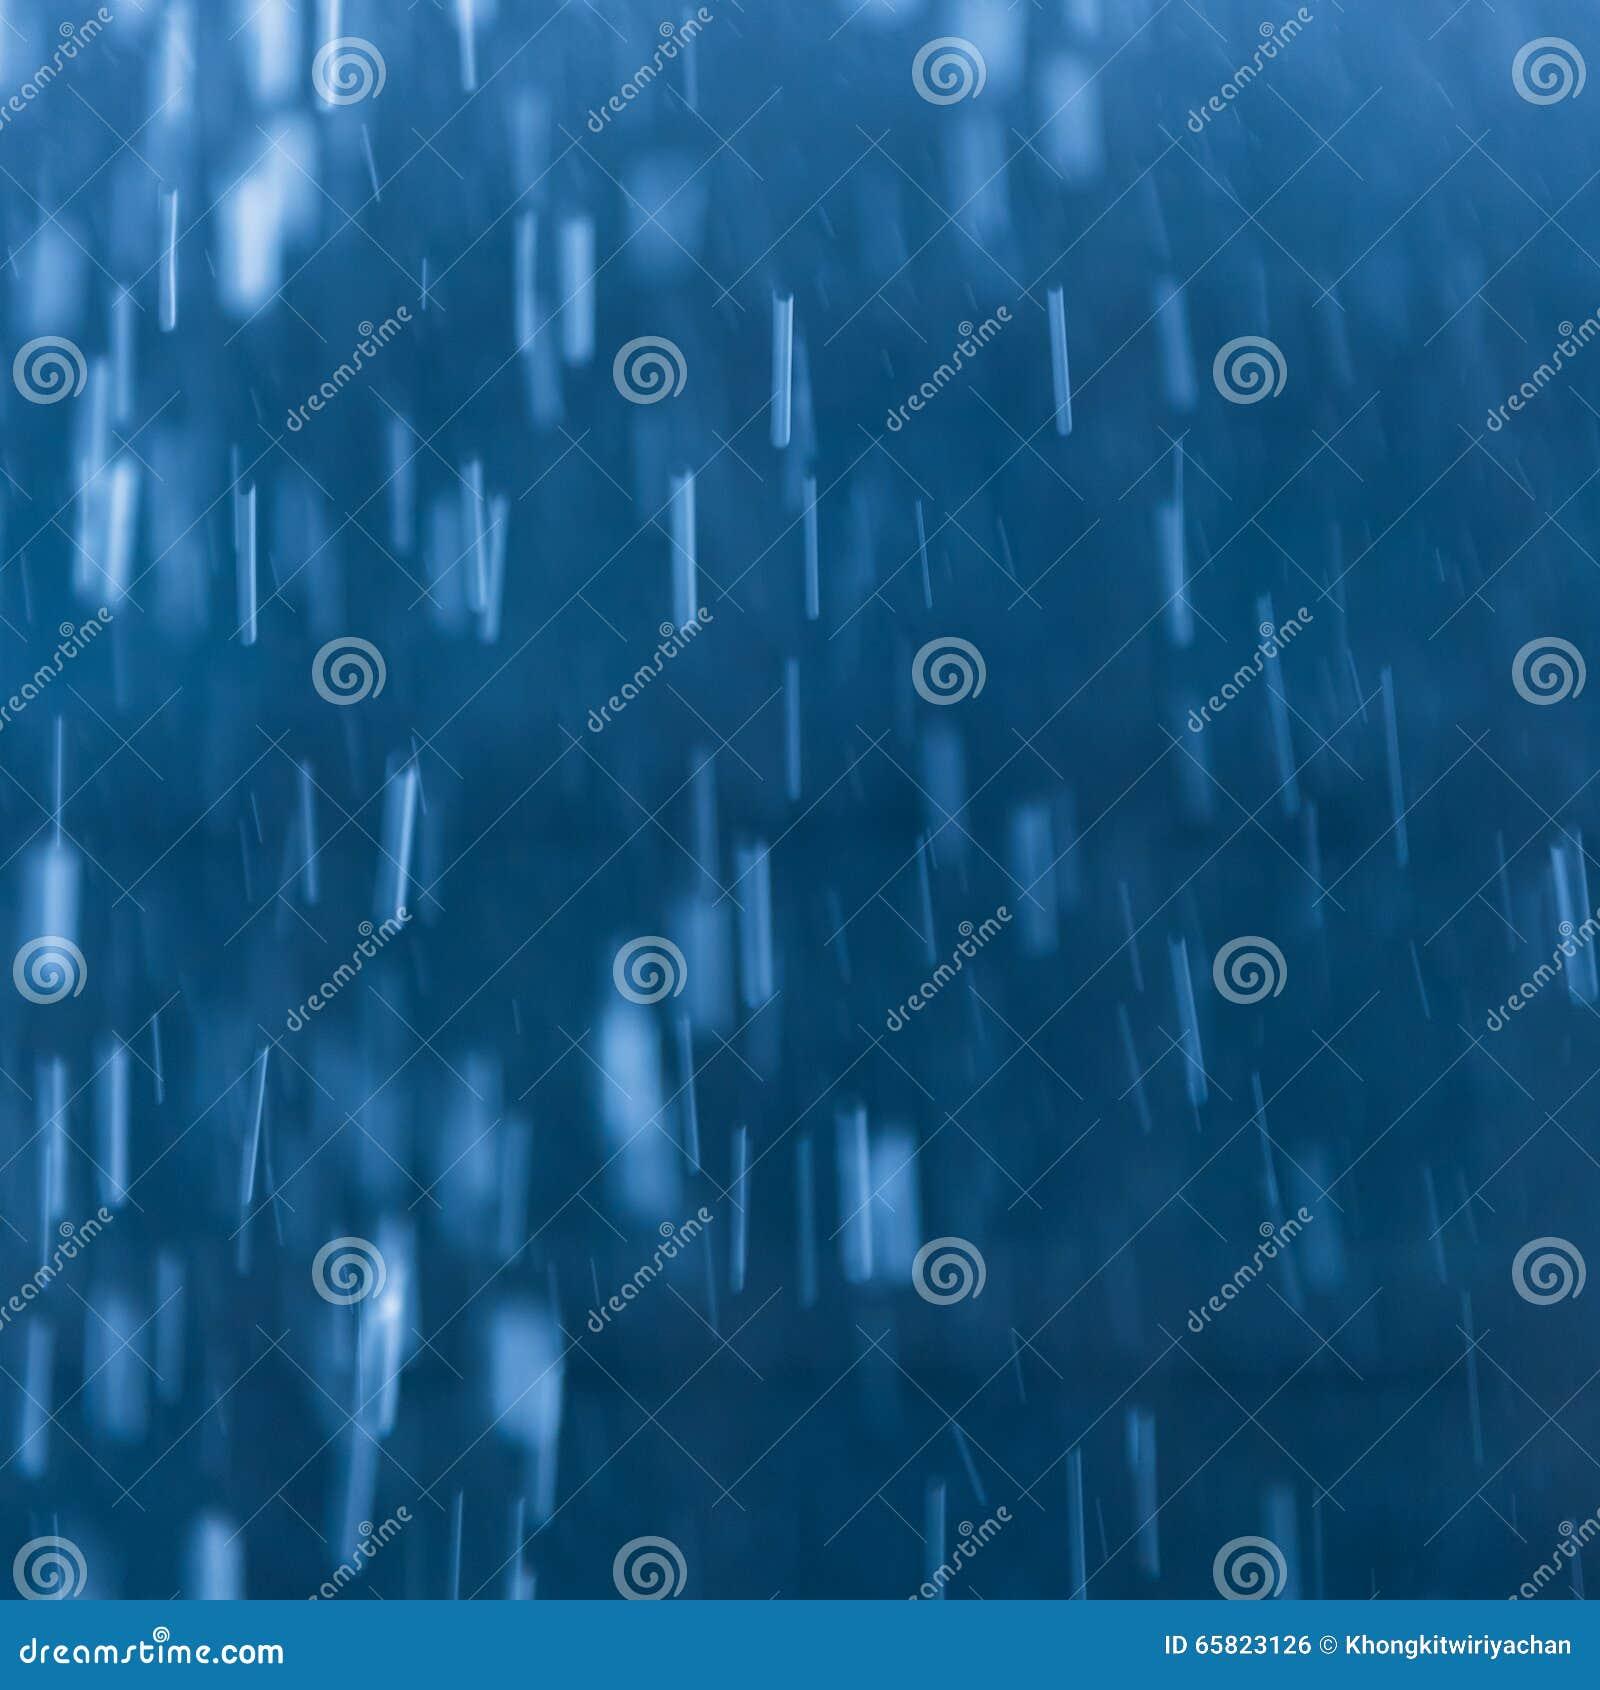 Hällregn som bakgrundsbild